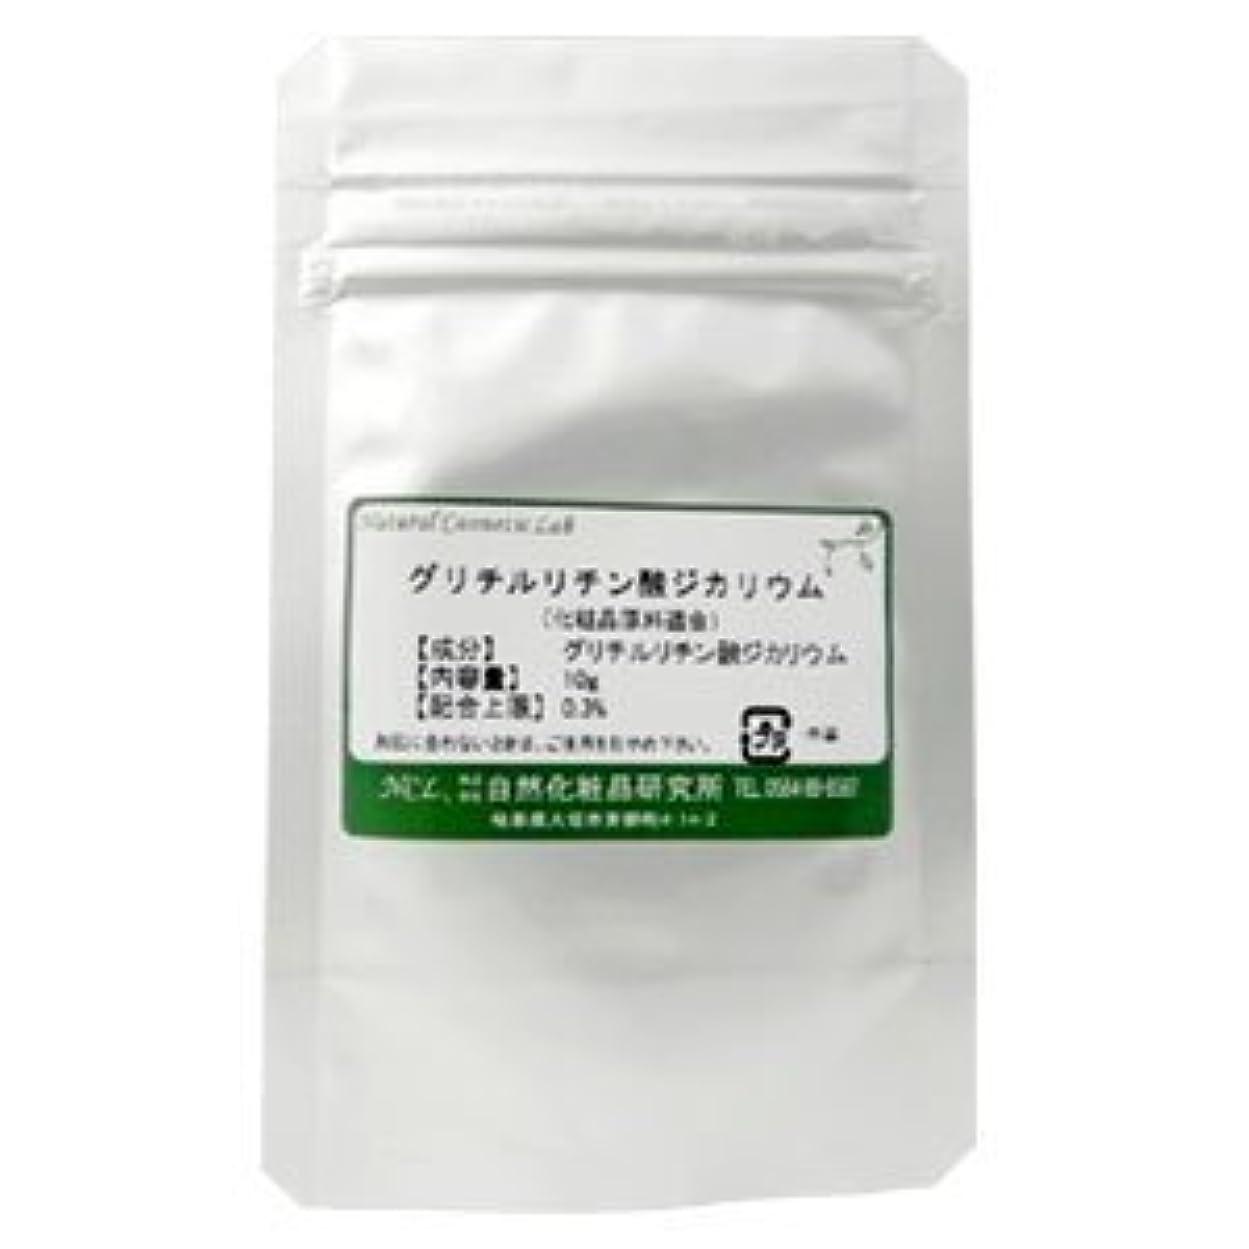 セラフ膨らませる嫌いグリチルリチン酸ジカリウム (グリチルリチン酸2K) カンゾウ(甘草) 10g 【手作り化粧品原料】